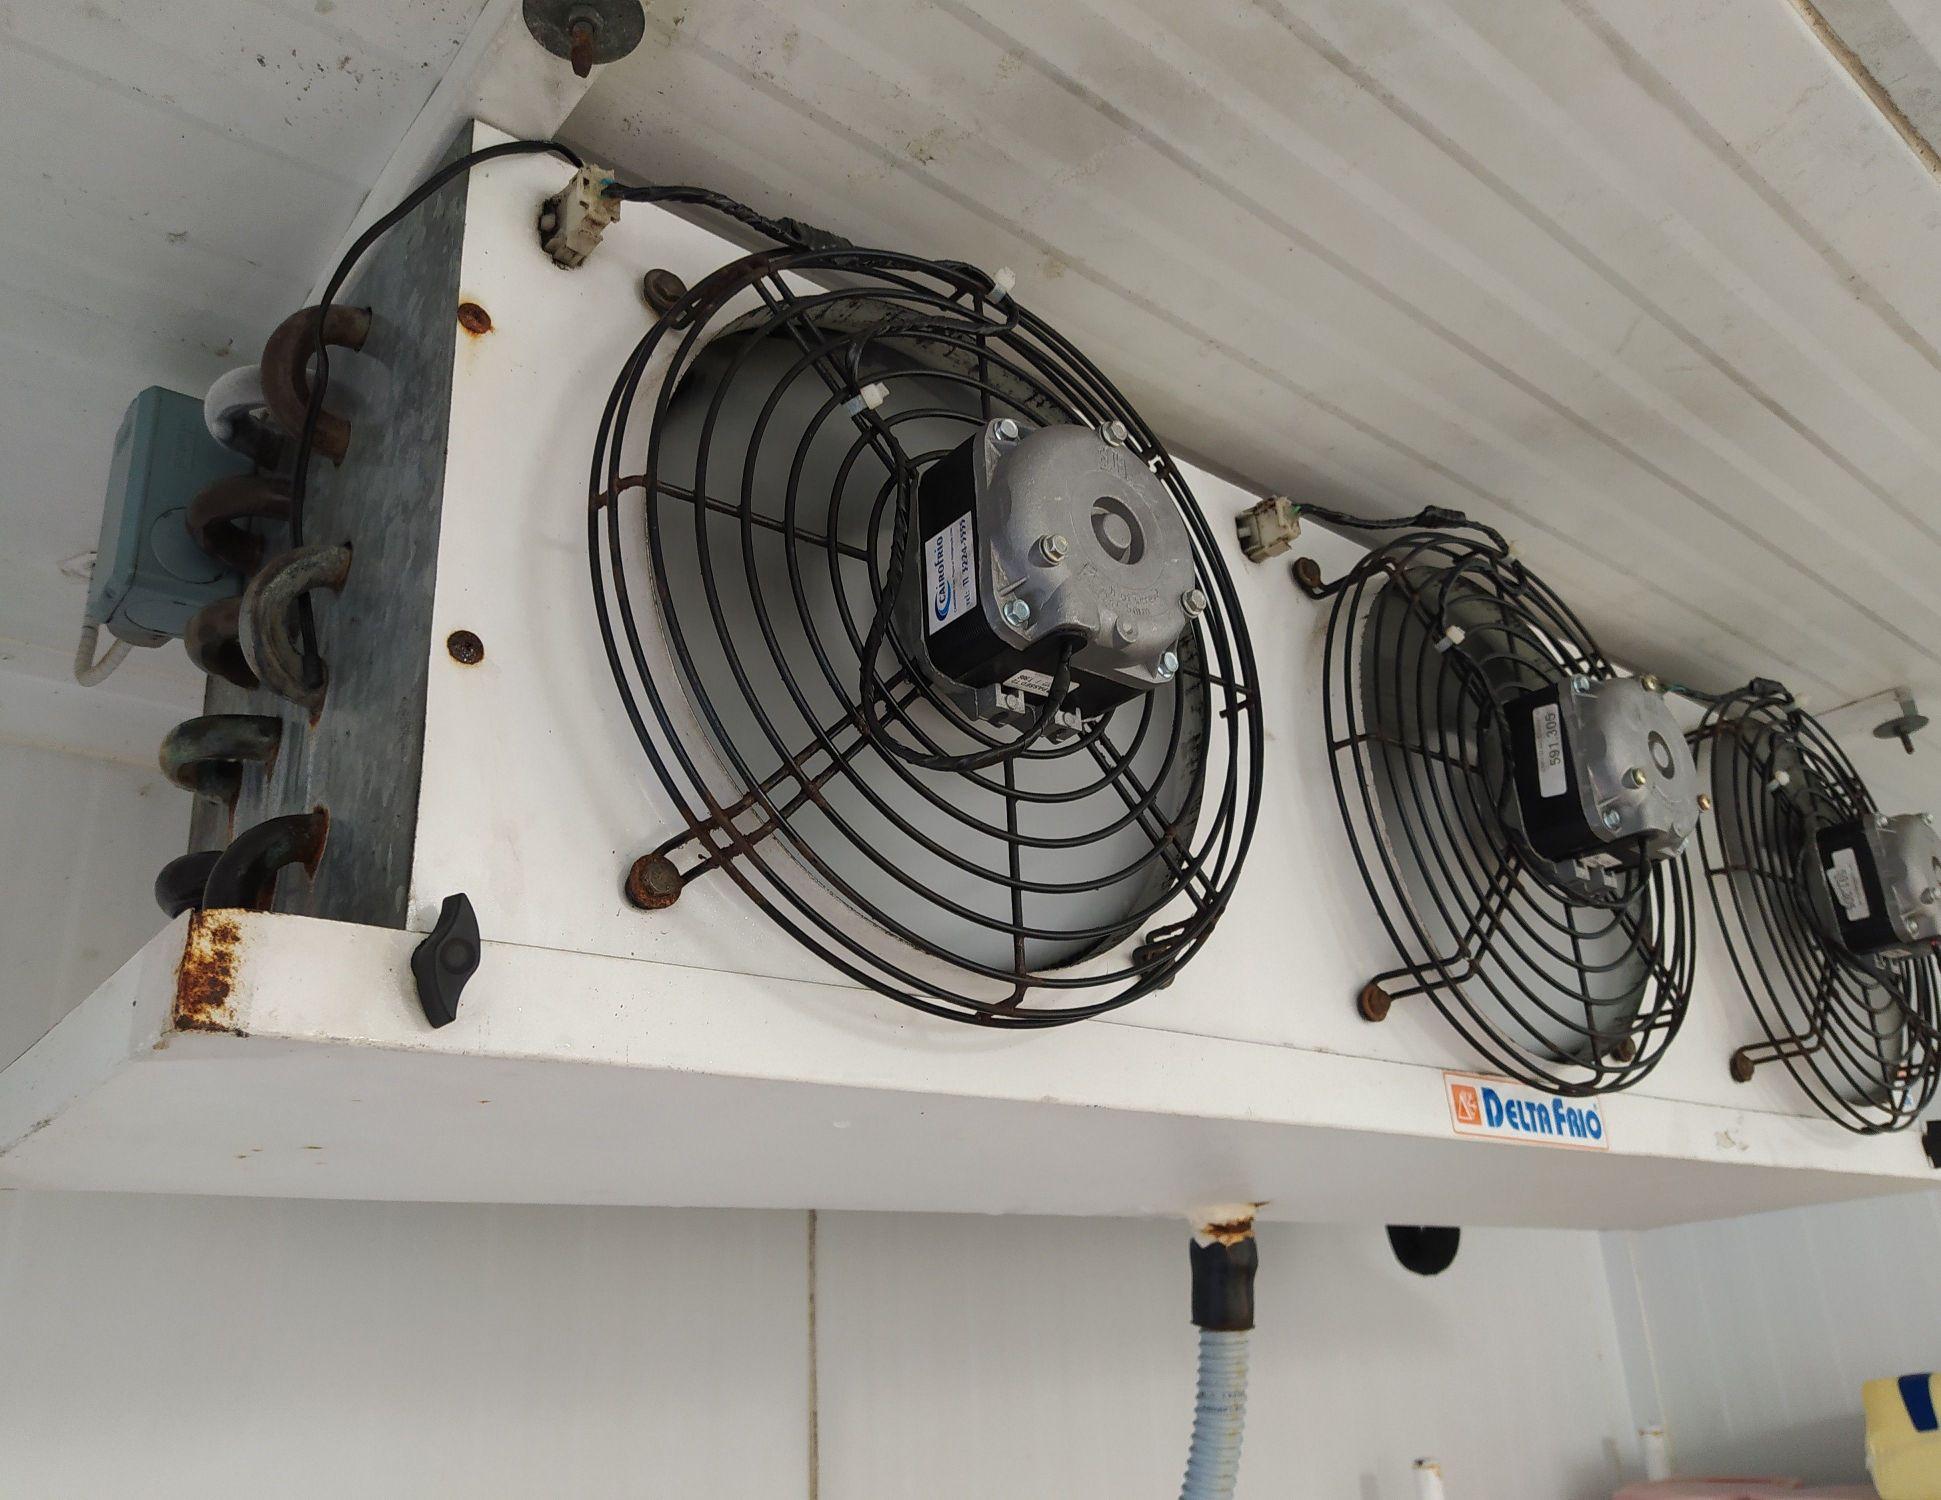 Troca de motores dos ventiladores em câmara resfri